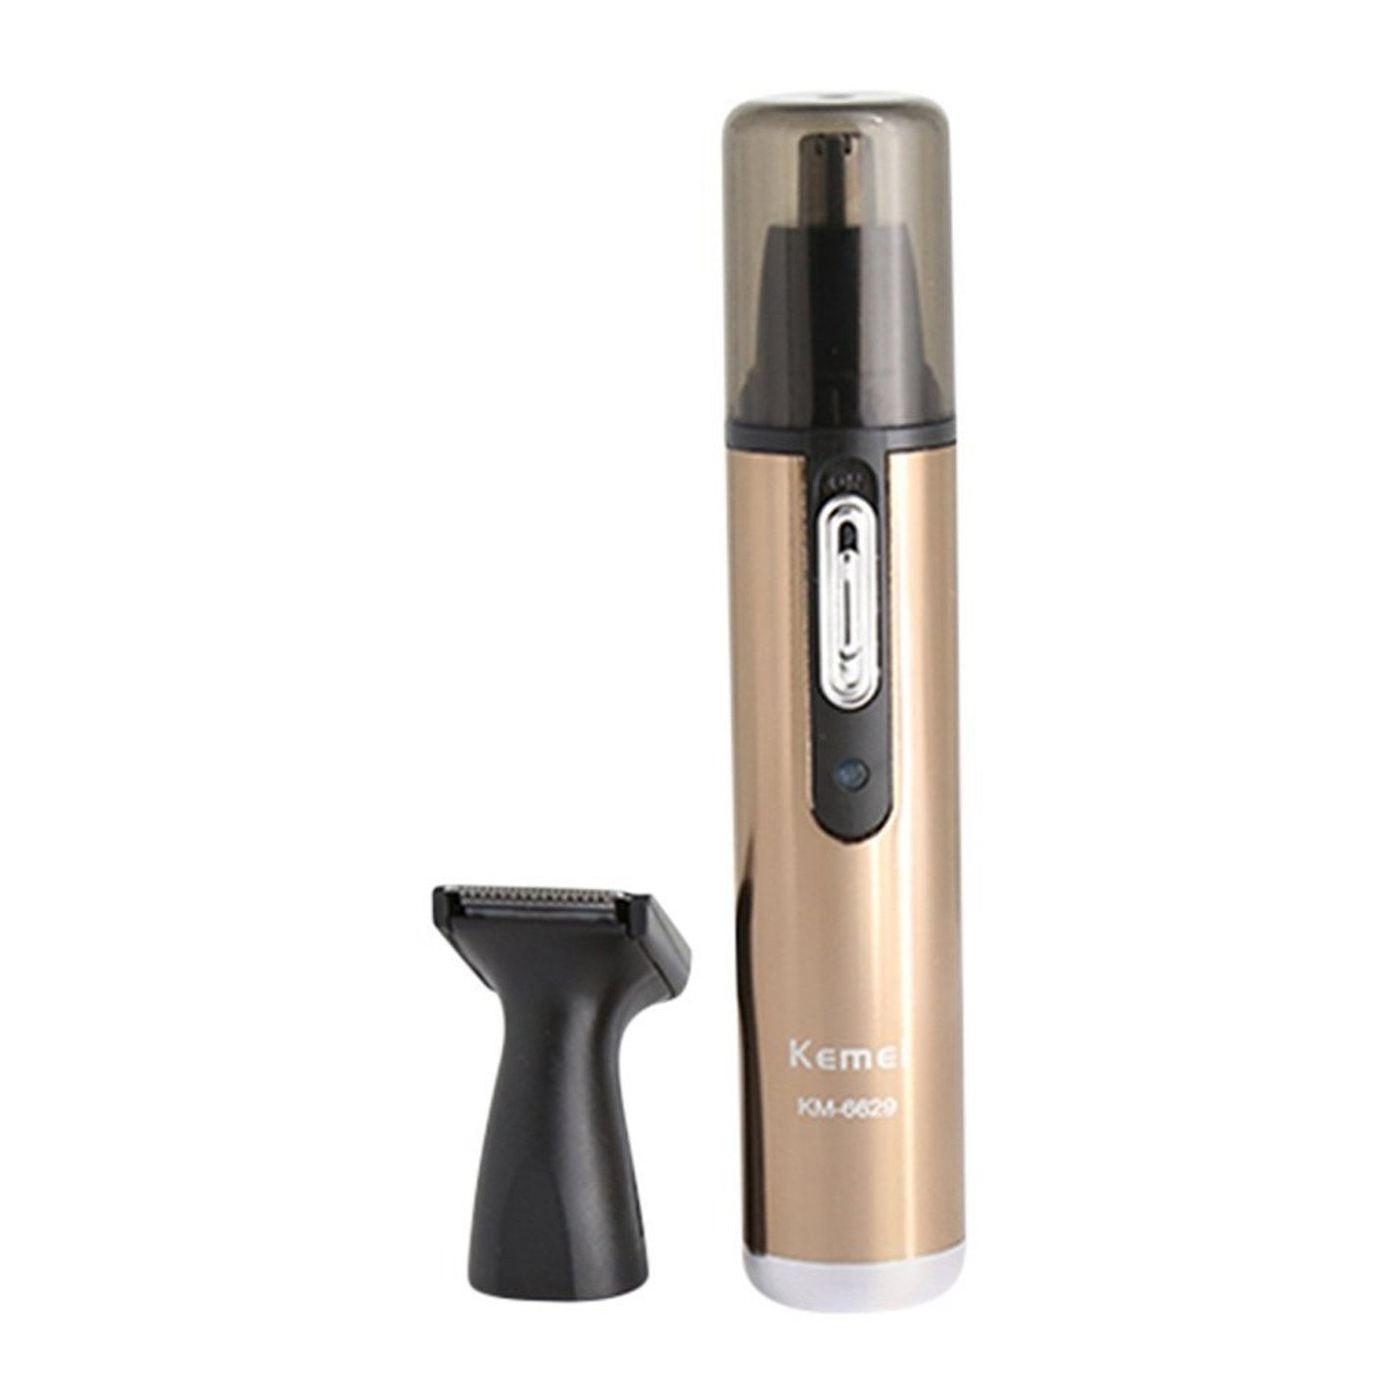 Kemei tondeuse de nez & flancs tondeuse cheveux avec Micro-toiletteur km-6629 orKemei tondeuse de nez & flancs tondeuse cheveux avec Micro-toiletteur km-6629 or